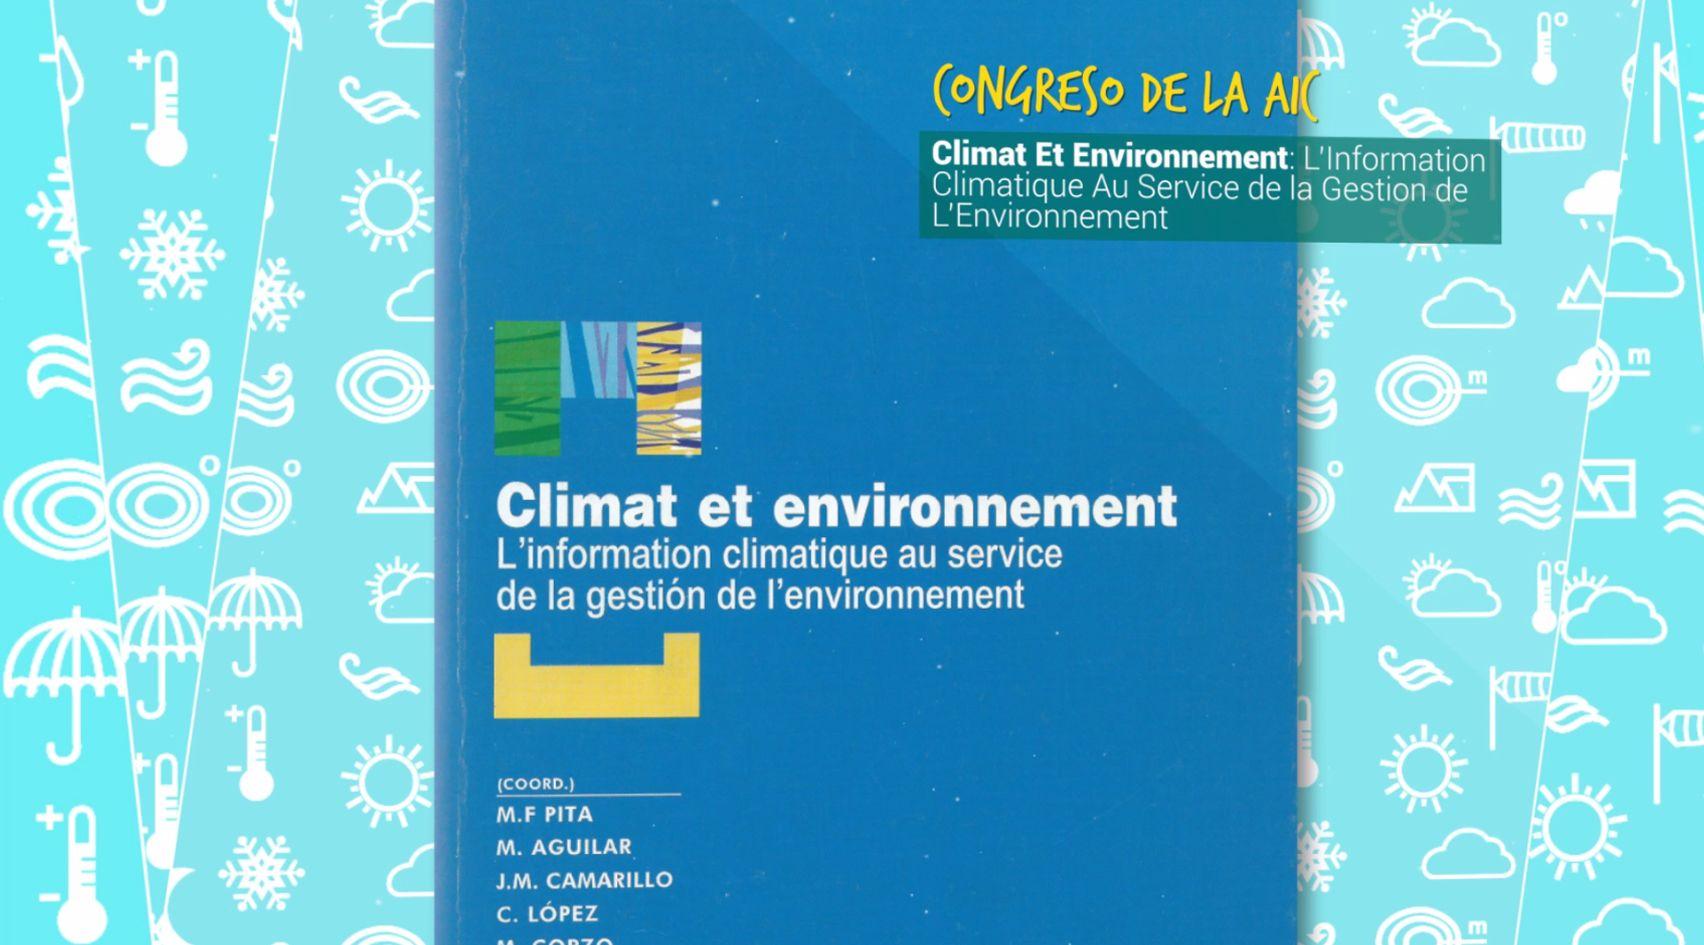 Vídeo del 25 Aniversario del Grupo de Climatología